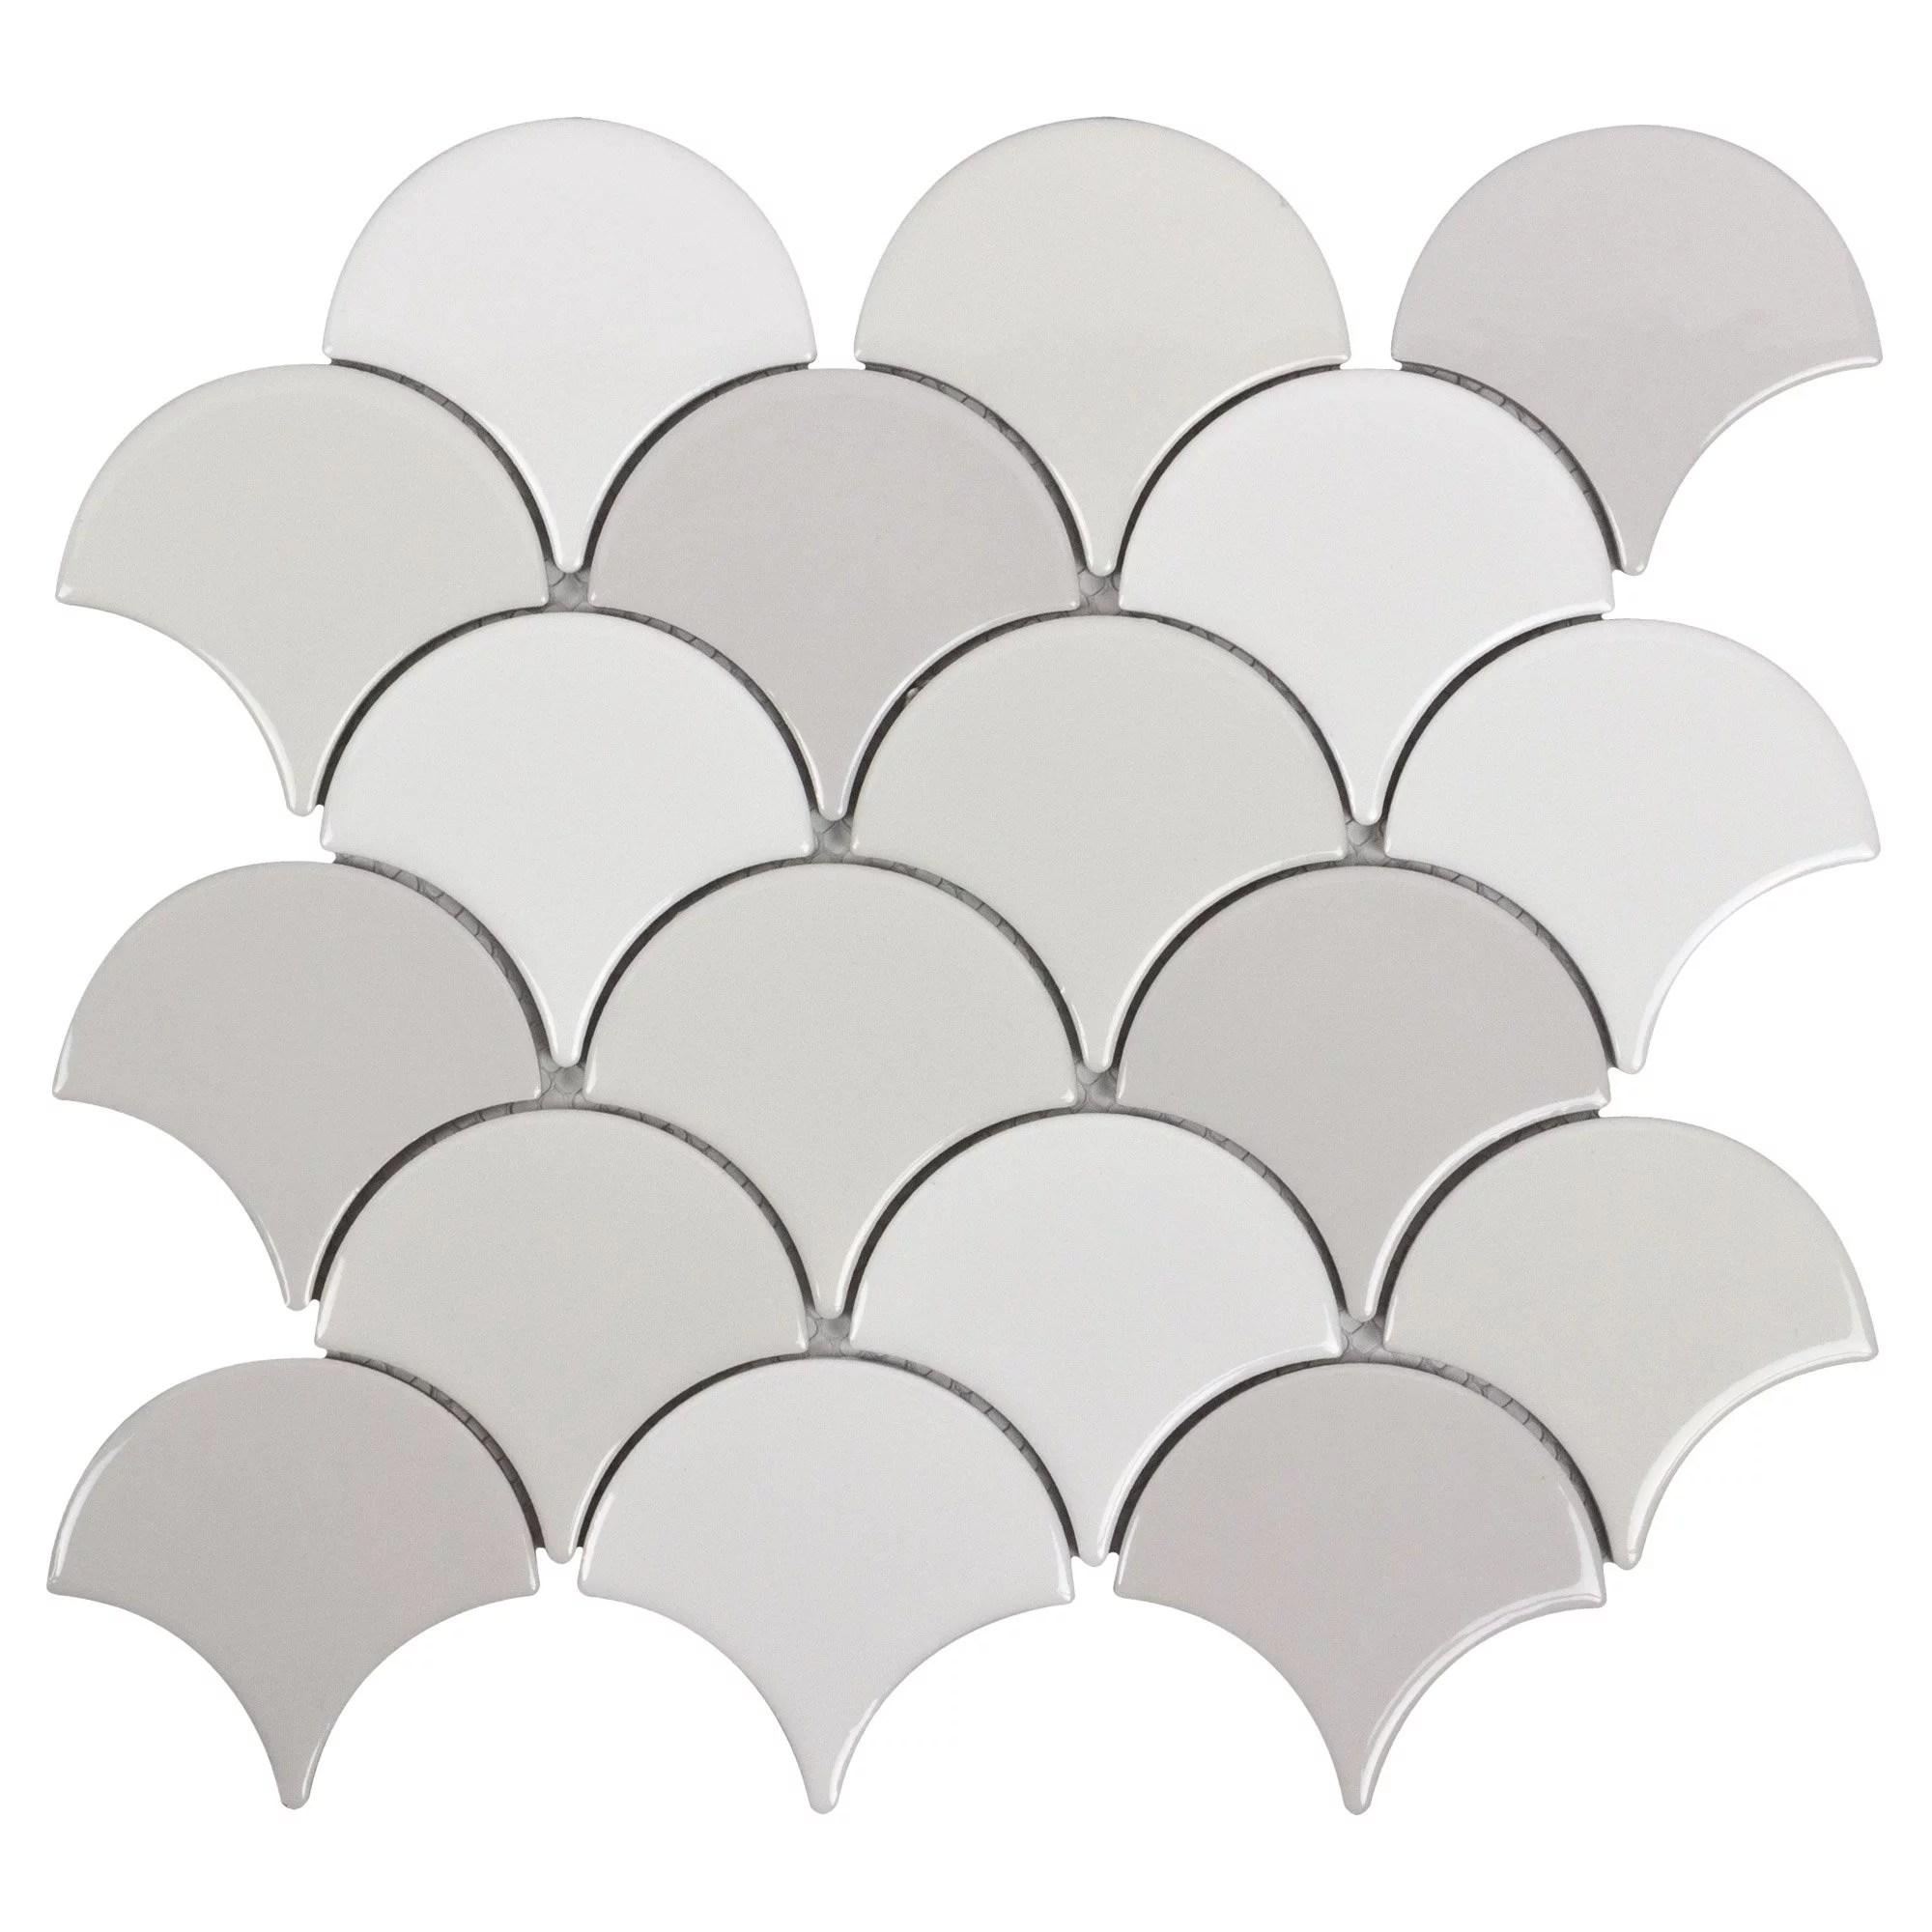 mto0242 fan fish scale scallop gray white glazed ceramic mosaic tile